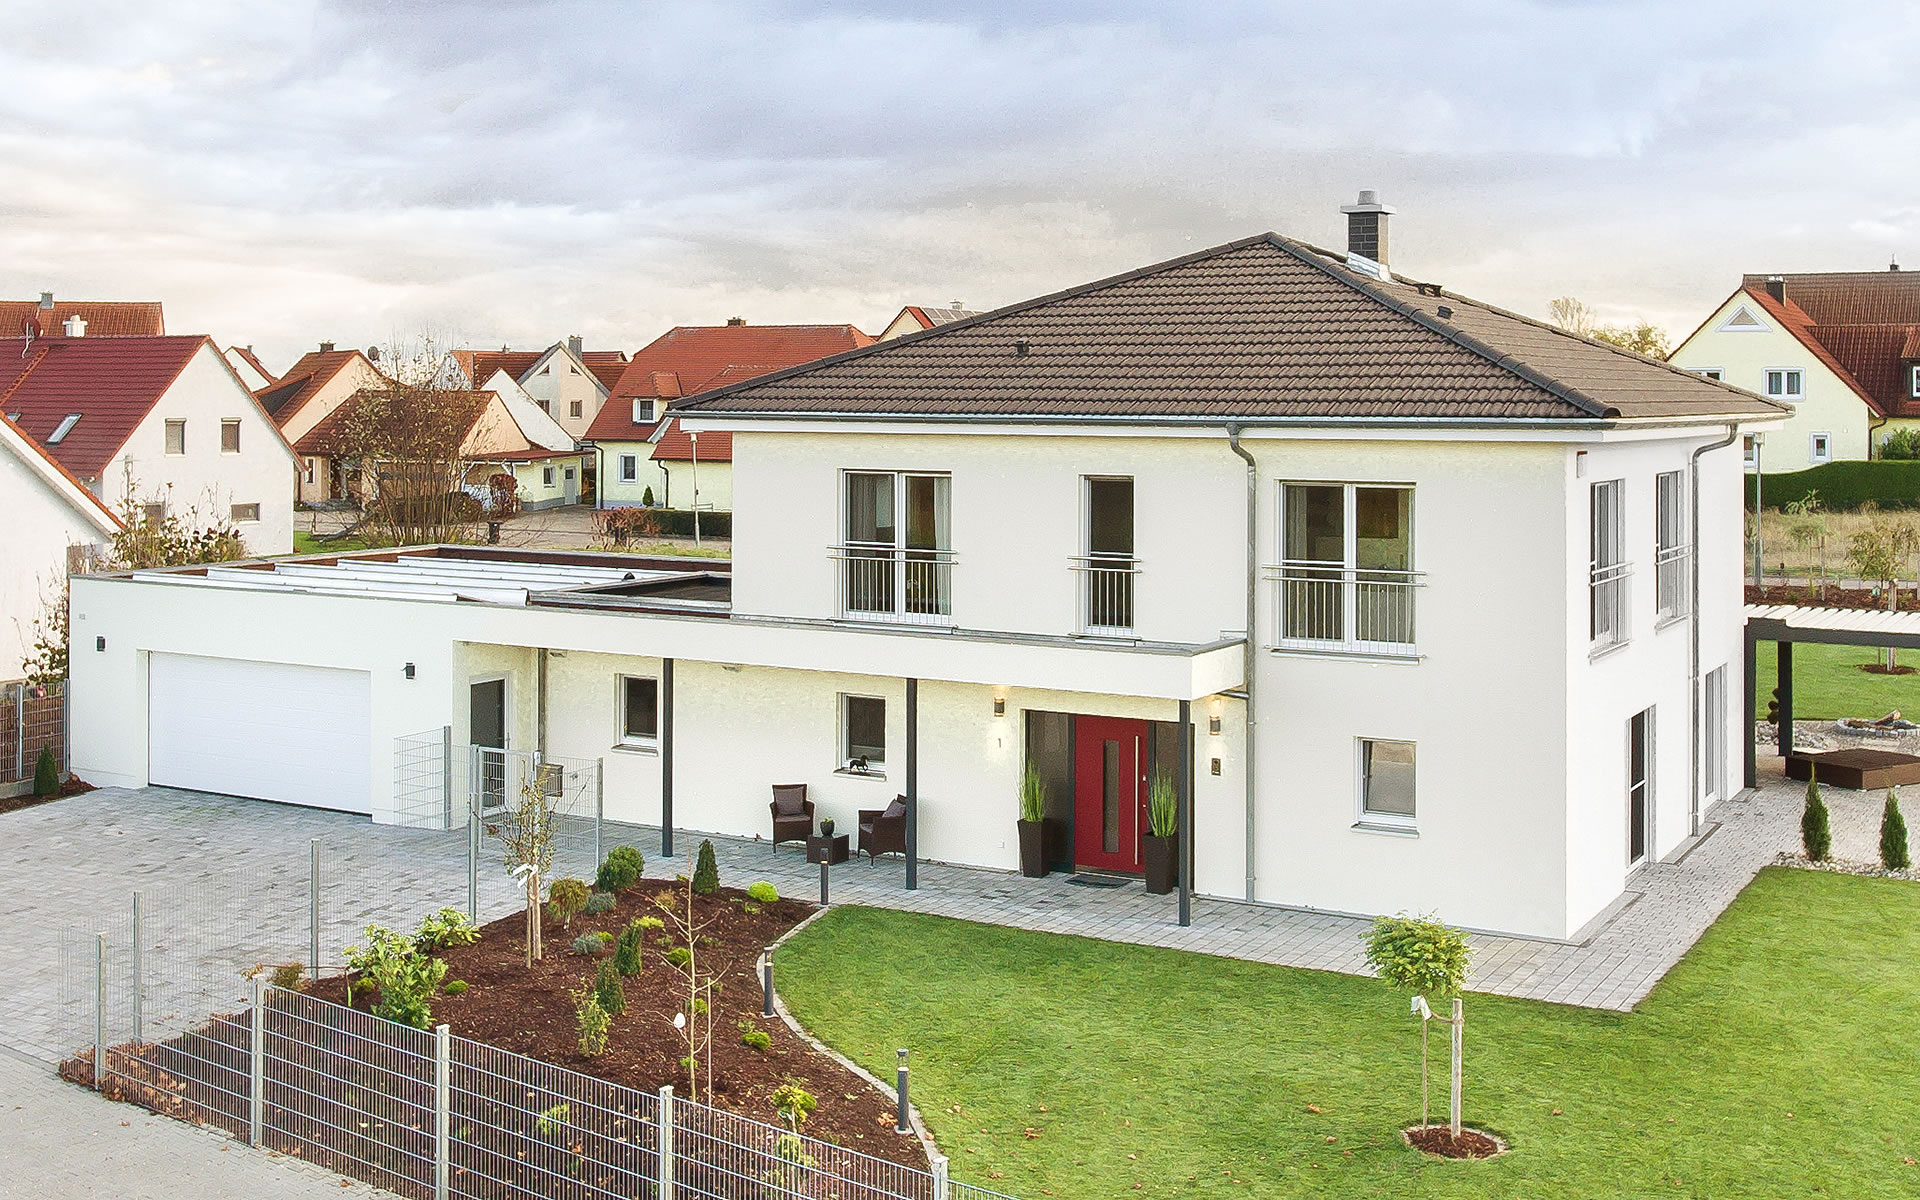 Stadtvilla 247 von FischerHaus GmbH & Co. KG